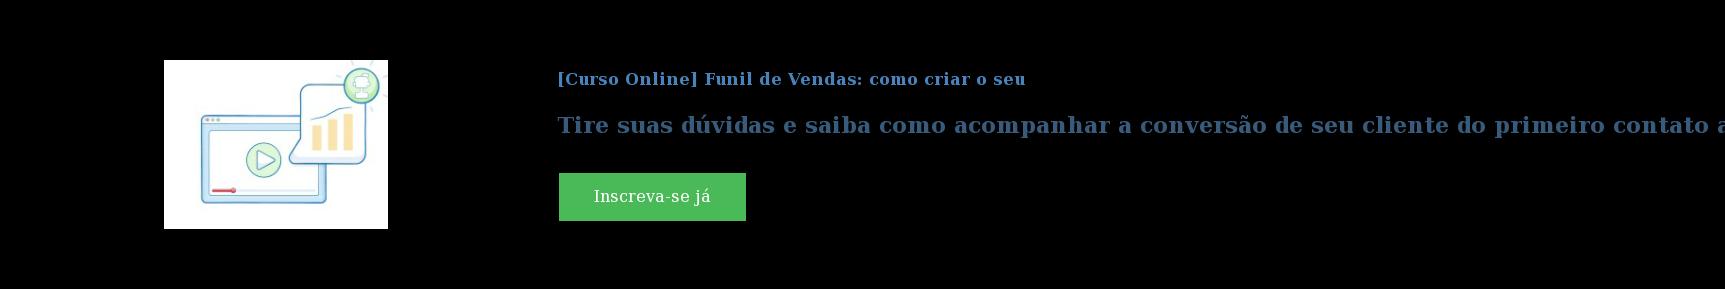 [Curso Online] Funil de Vendas: como criar o seu  Tire suas dúvidas e saiba como acompanhar a conversão de seu cliente do  primeiro contato até o momento da compra. Inscreva-se já